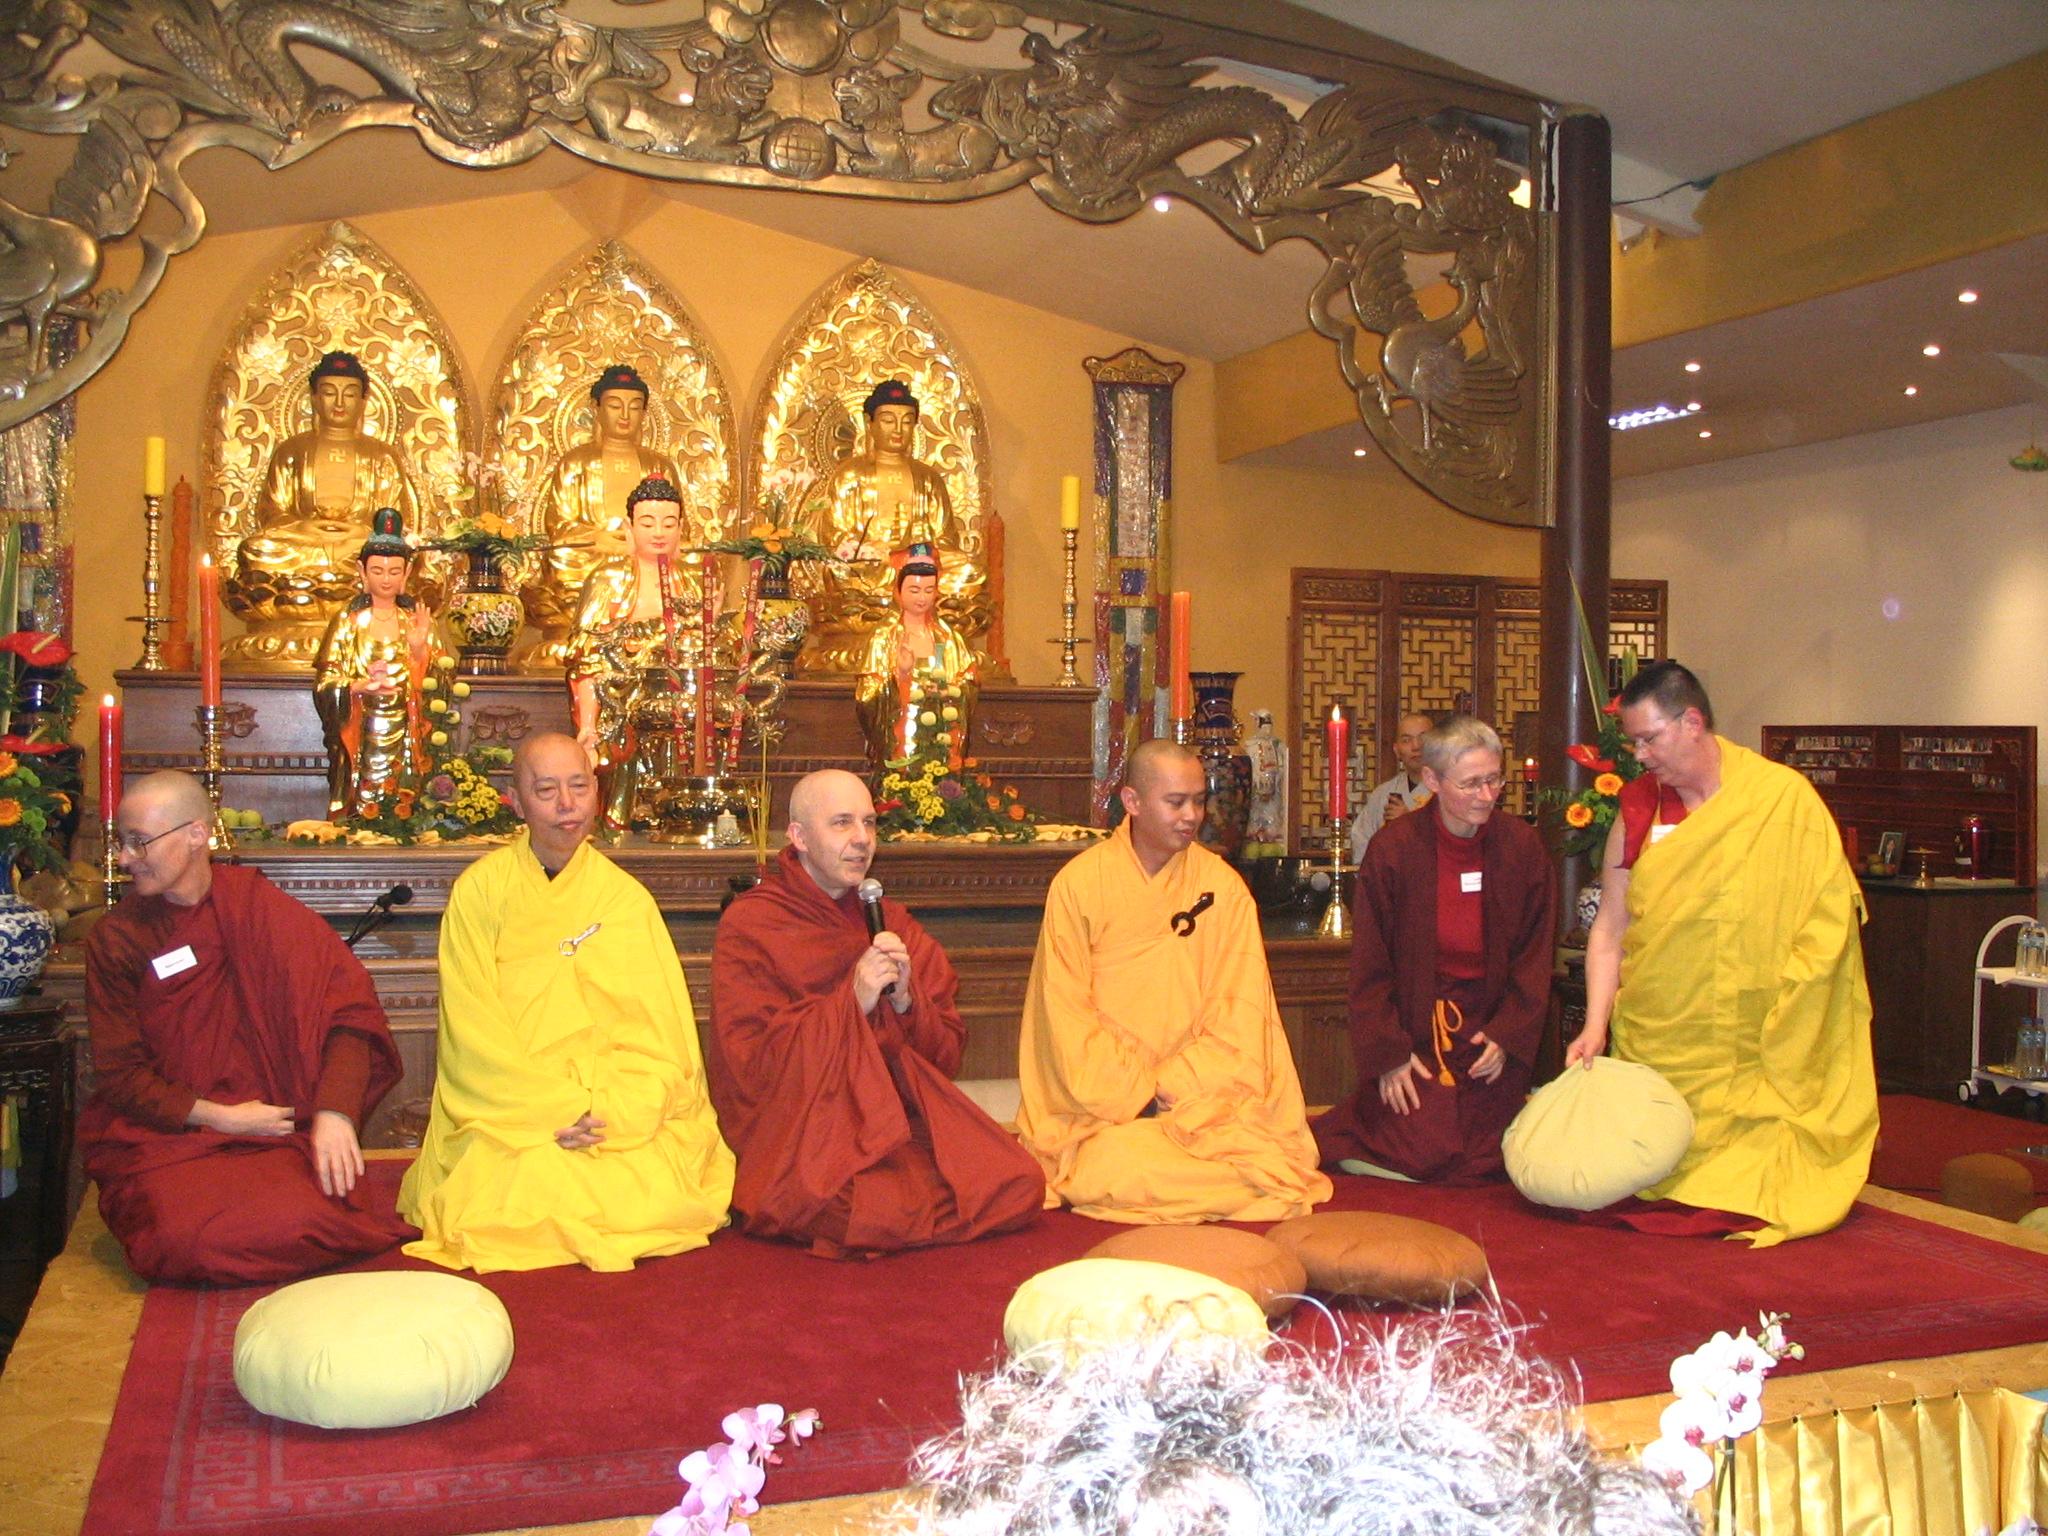 Buddhistischer Glaube